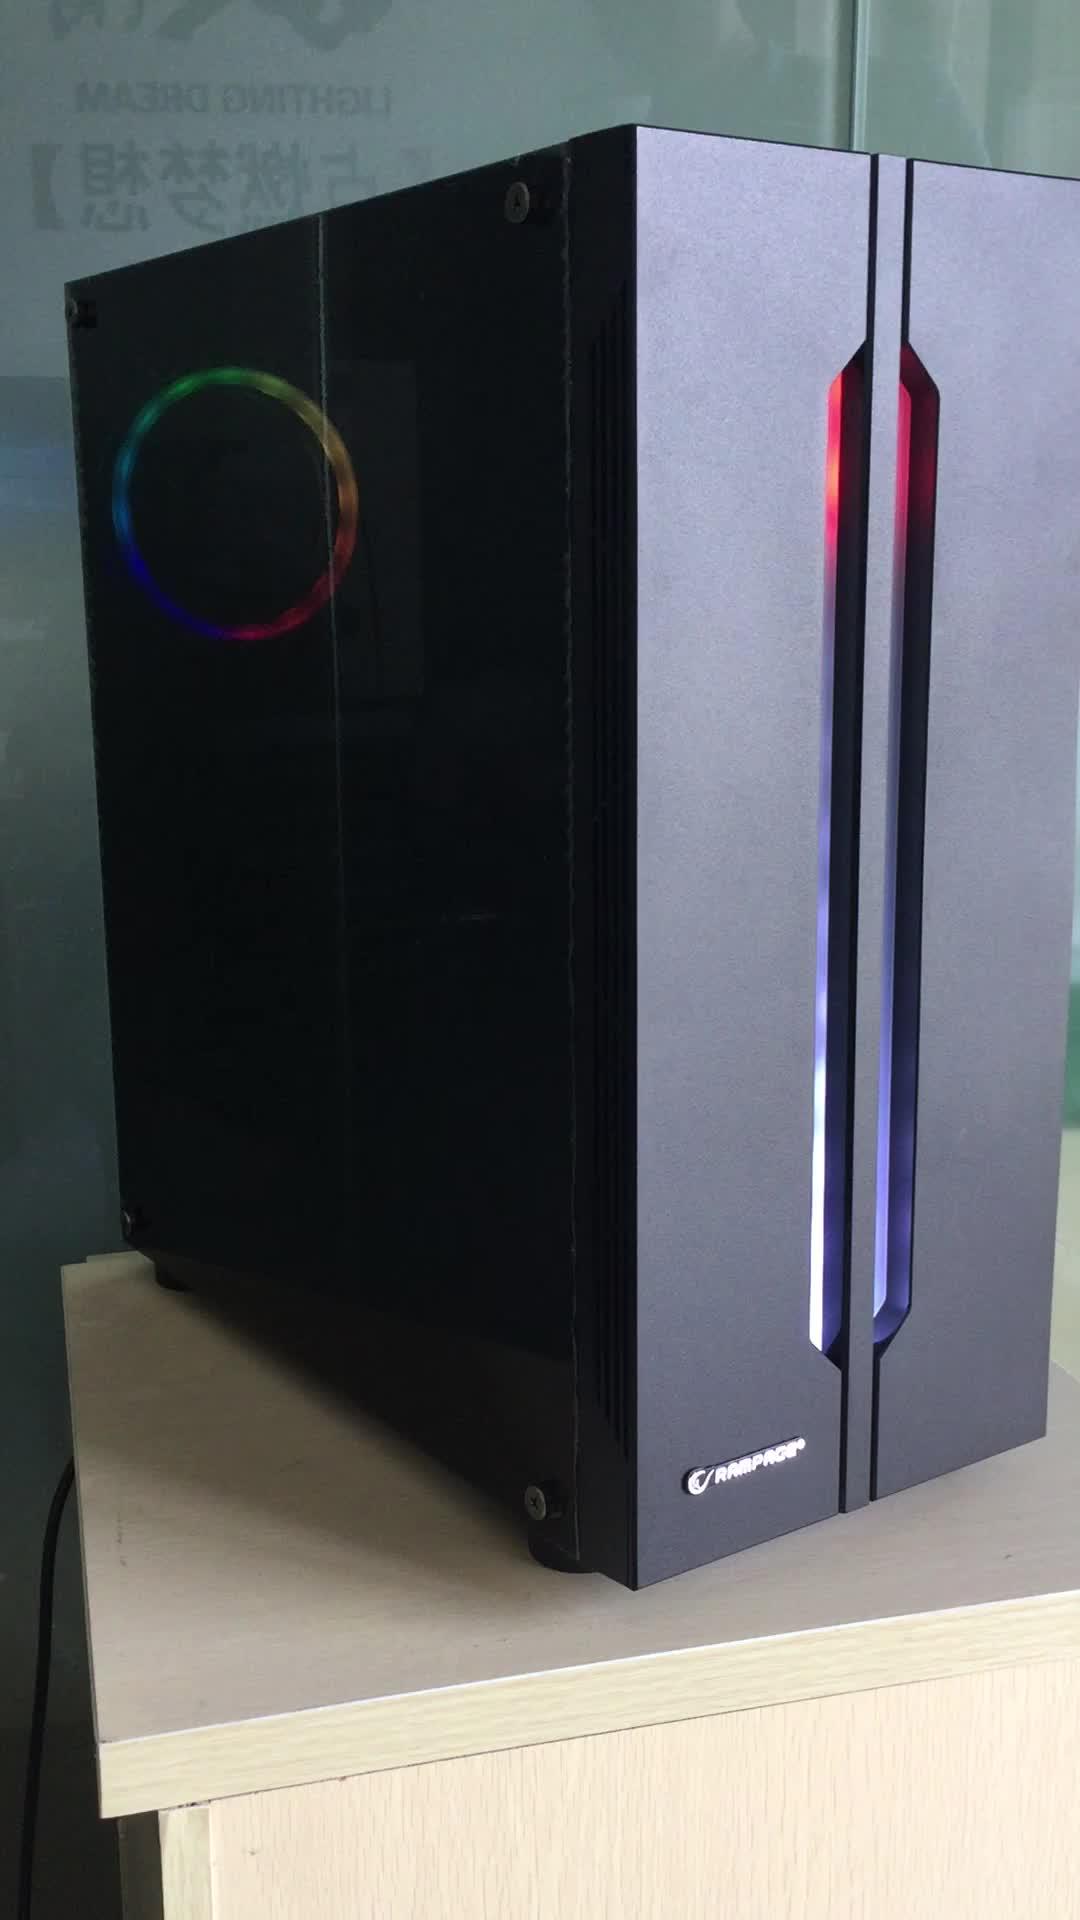 PC telaio di sostegno 120/240 millimetri di acqua di raffreddamento del radiatore con Sincrono ARGB Ventilatore e Striscia di Gioco case del computer